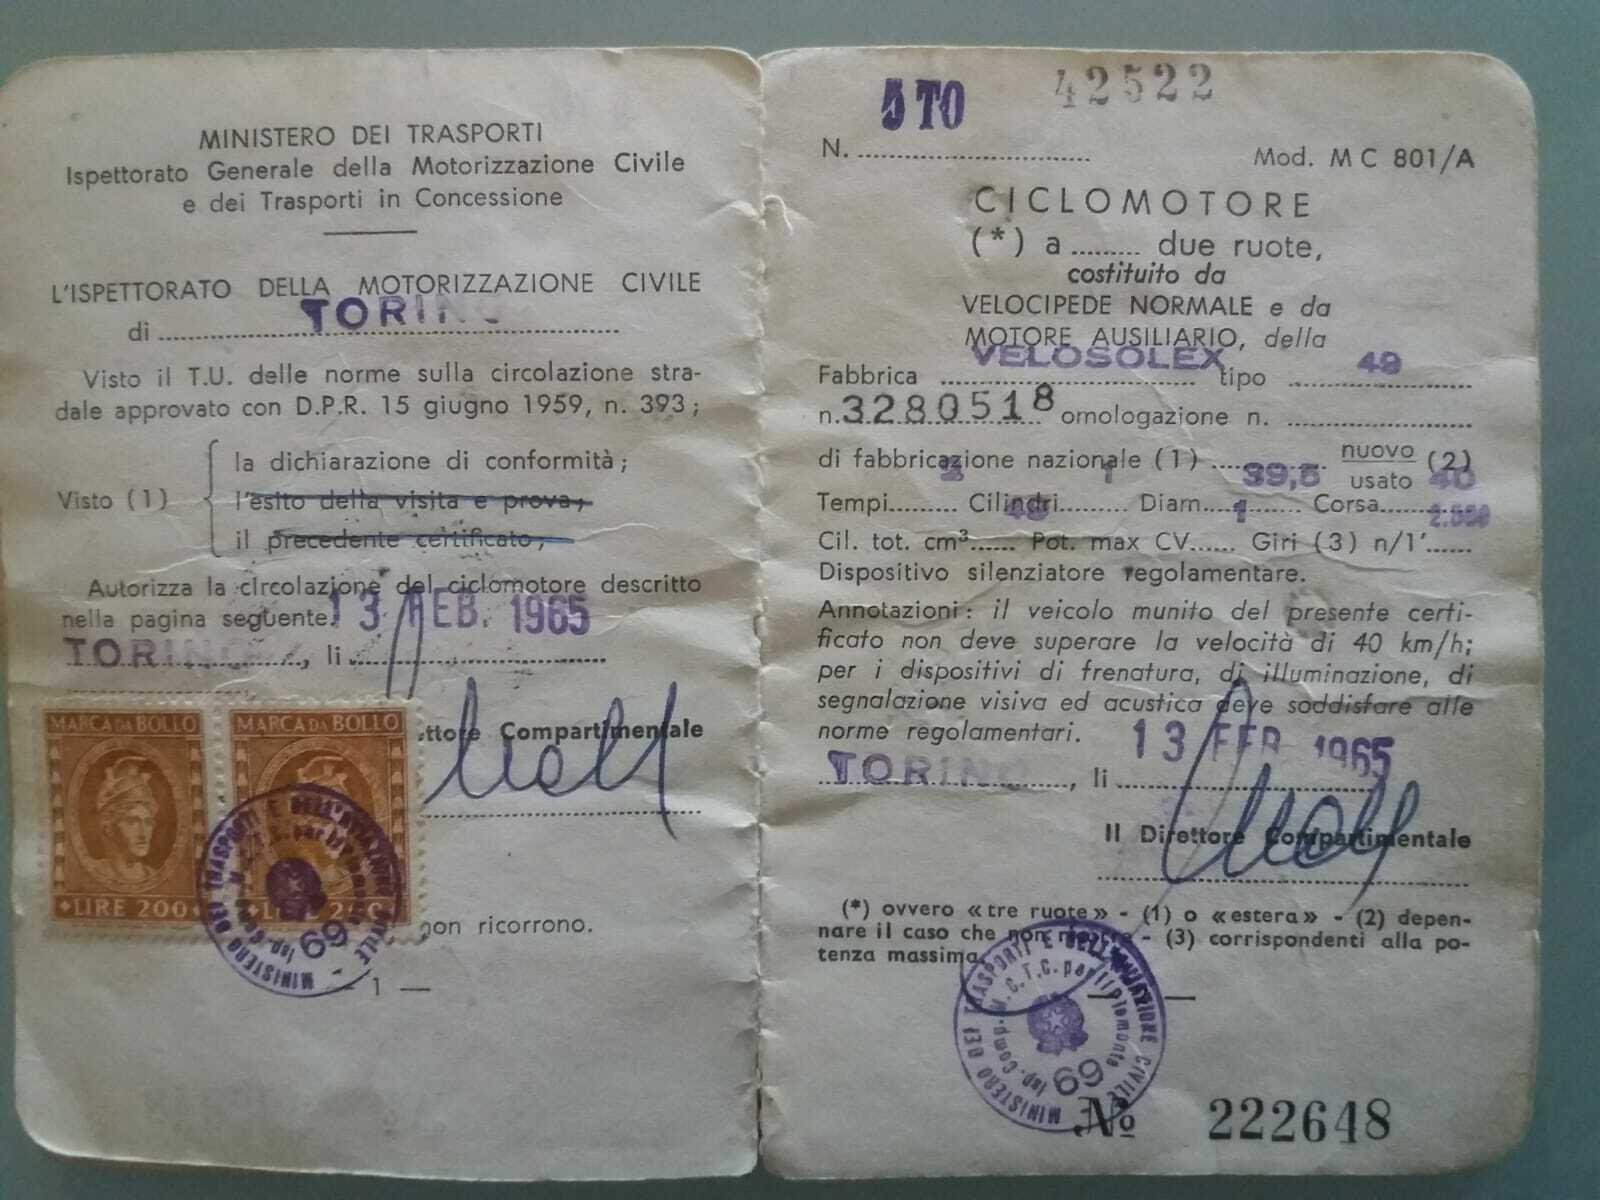 LIBRETTO ORIGINALE SOLEX BICI 49 EPOCA ORIGINALE IN OTTIME CONDIZIONI 1965